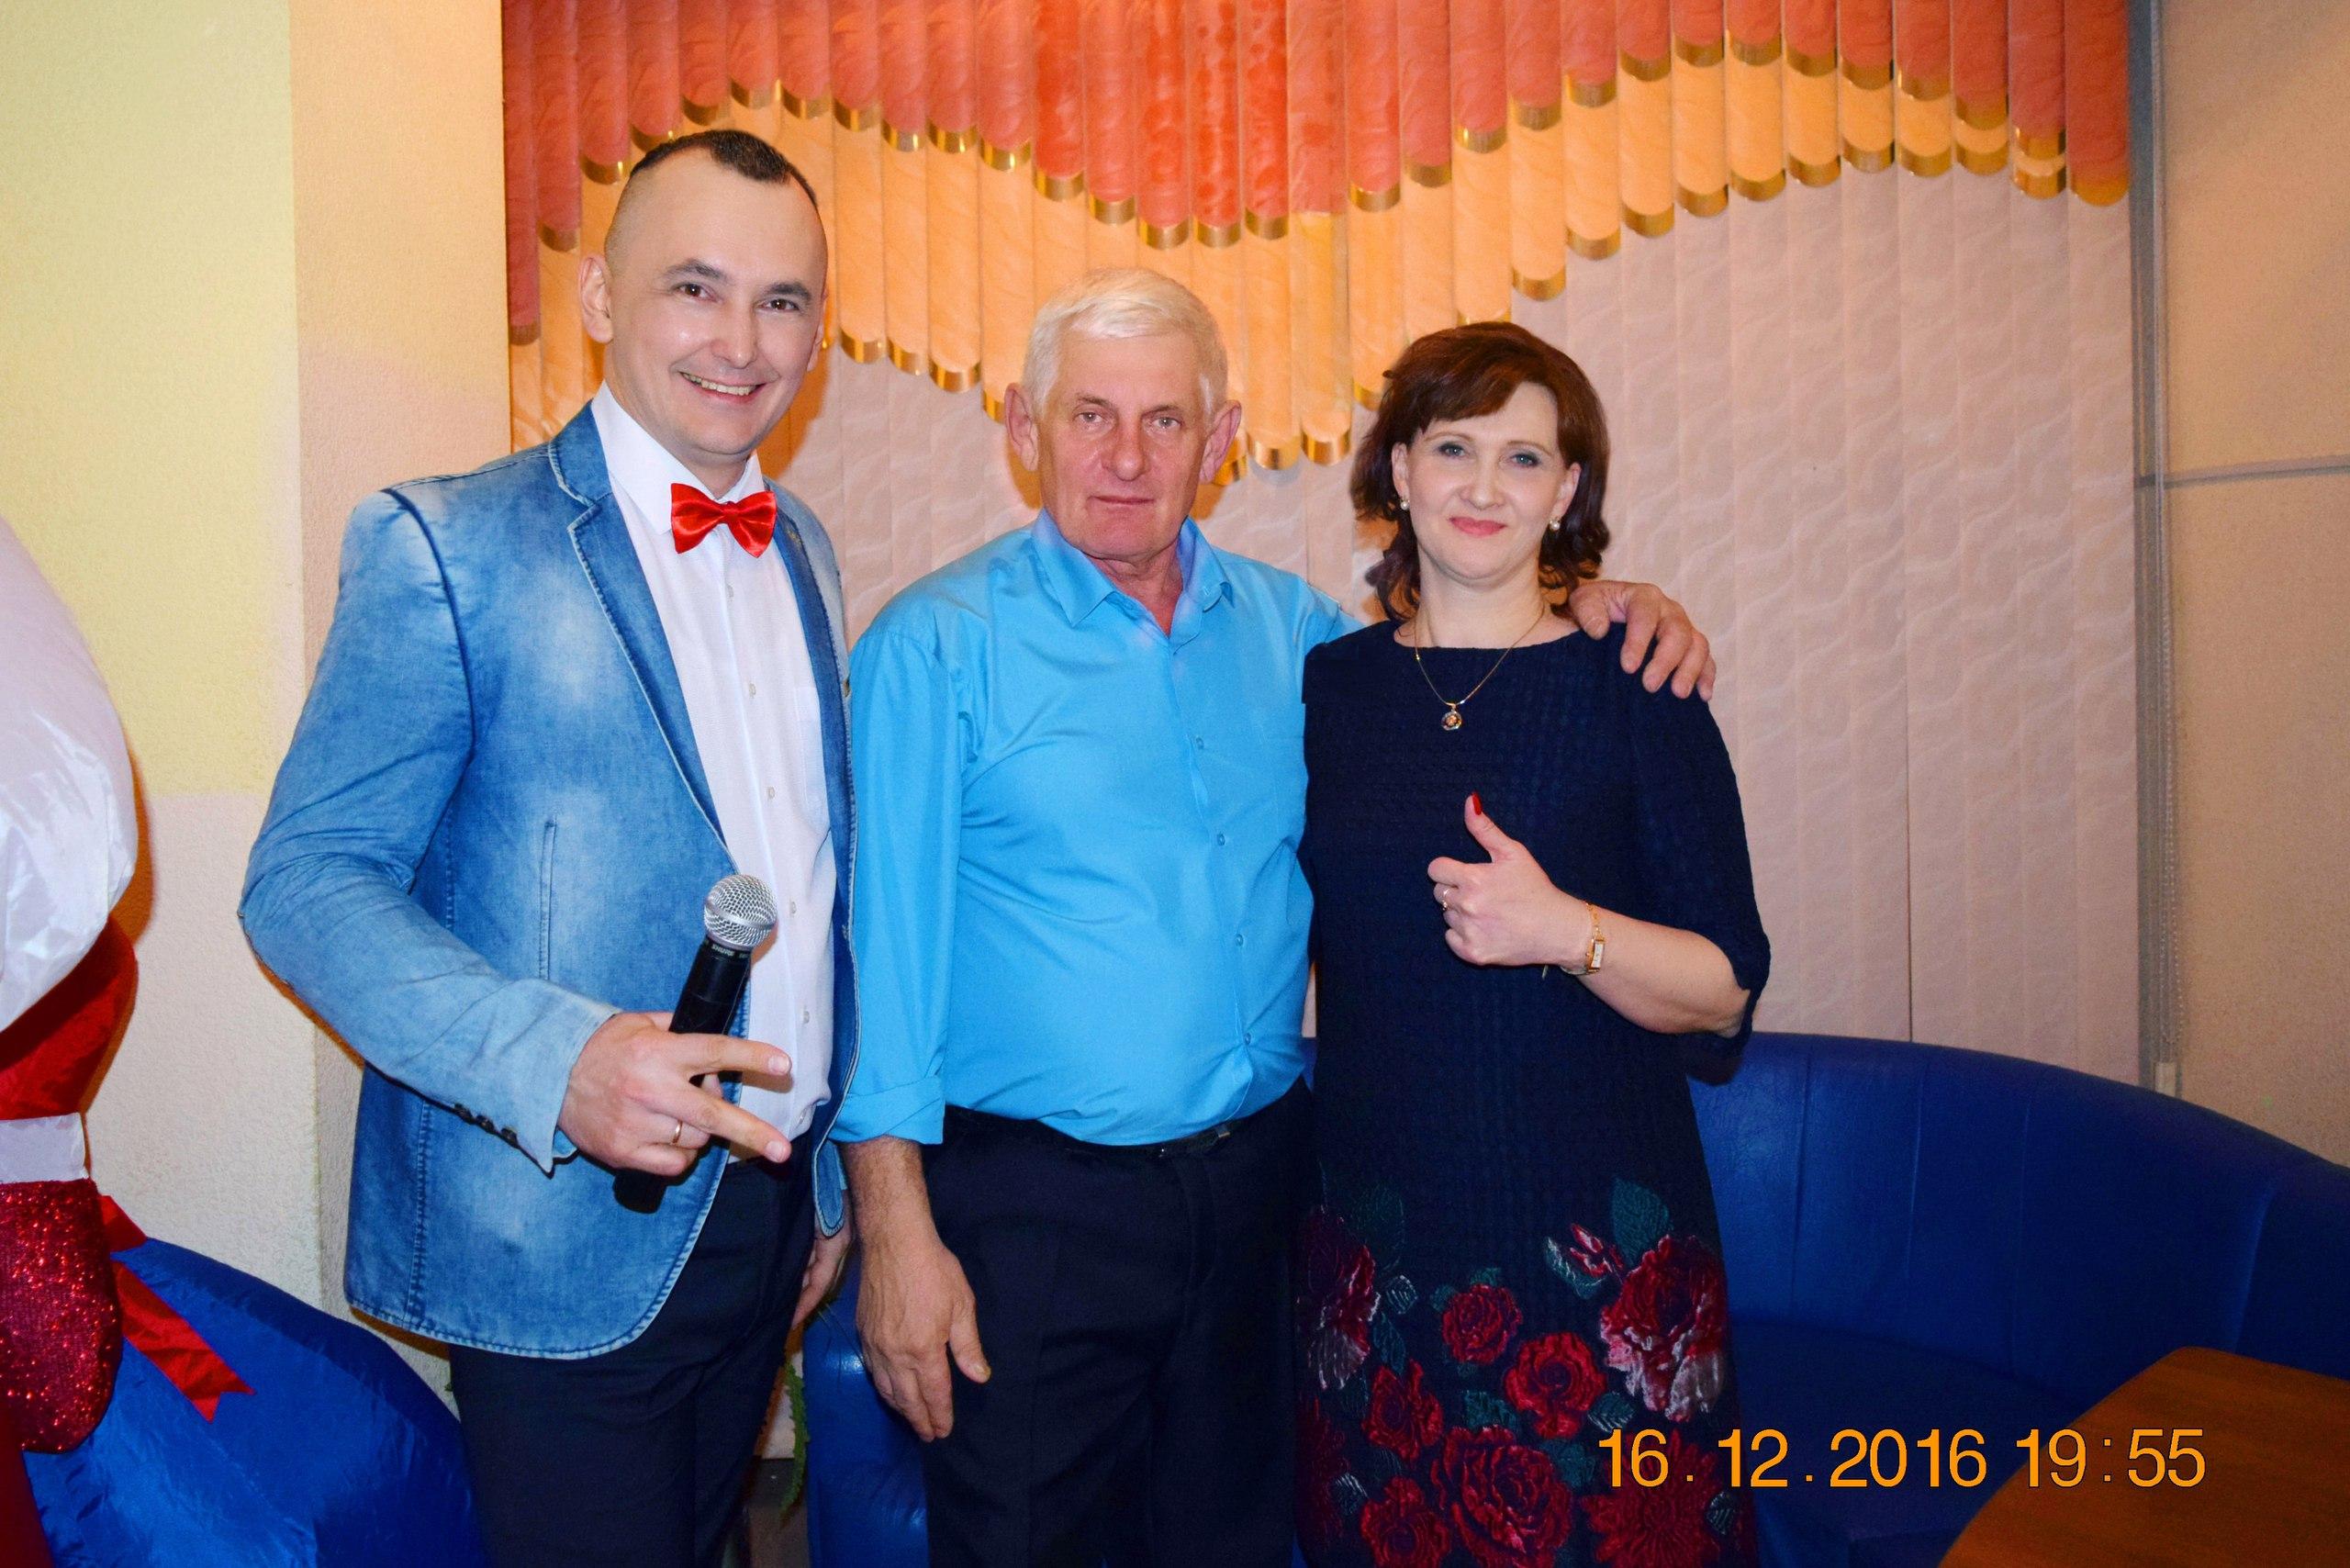 16 декабря 2016 г. Волгоград. ресторан Якорь. Проведение торжества в честь дня рождения Светланы.